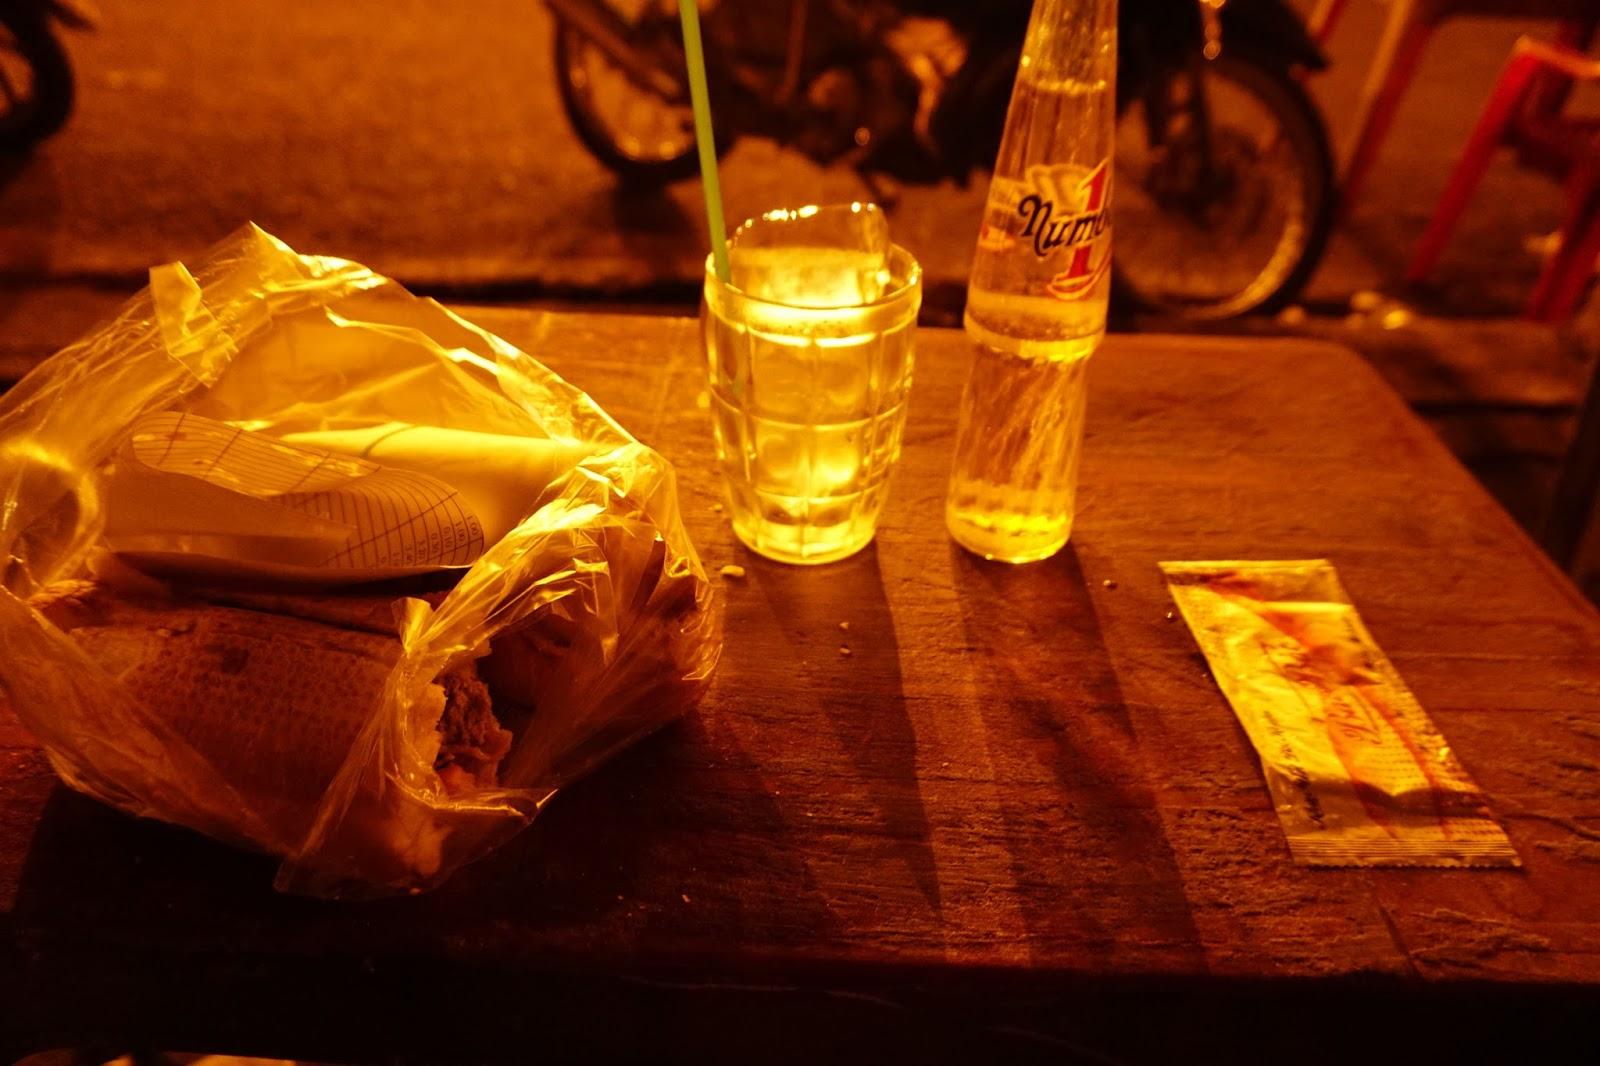 Ăn vội ổ bánh mì để tiếp thêm sức mạnh, mùi nước tăng lực cực khó uống, nhưng phải uống vì đuối quá rồi